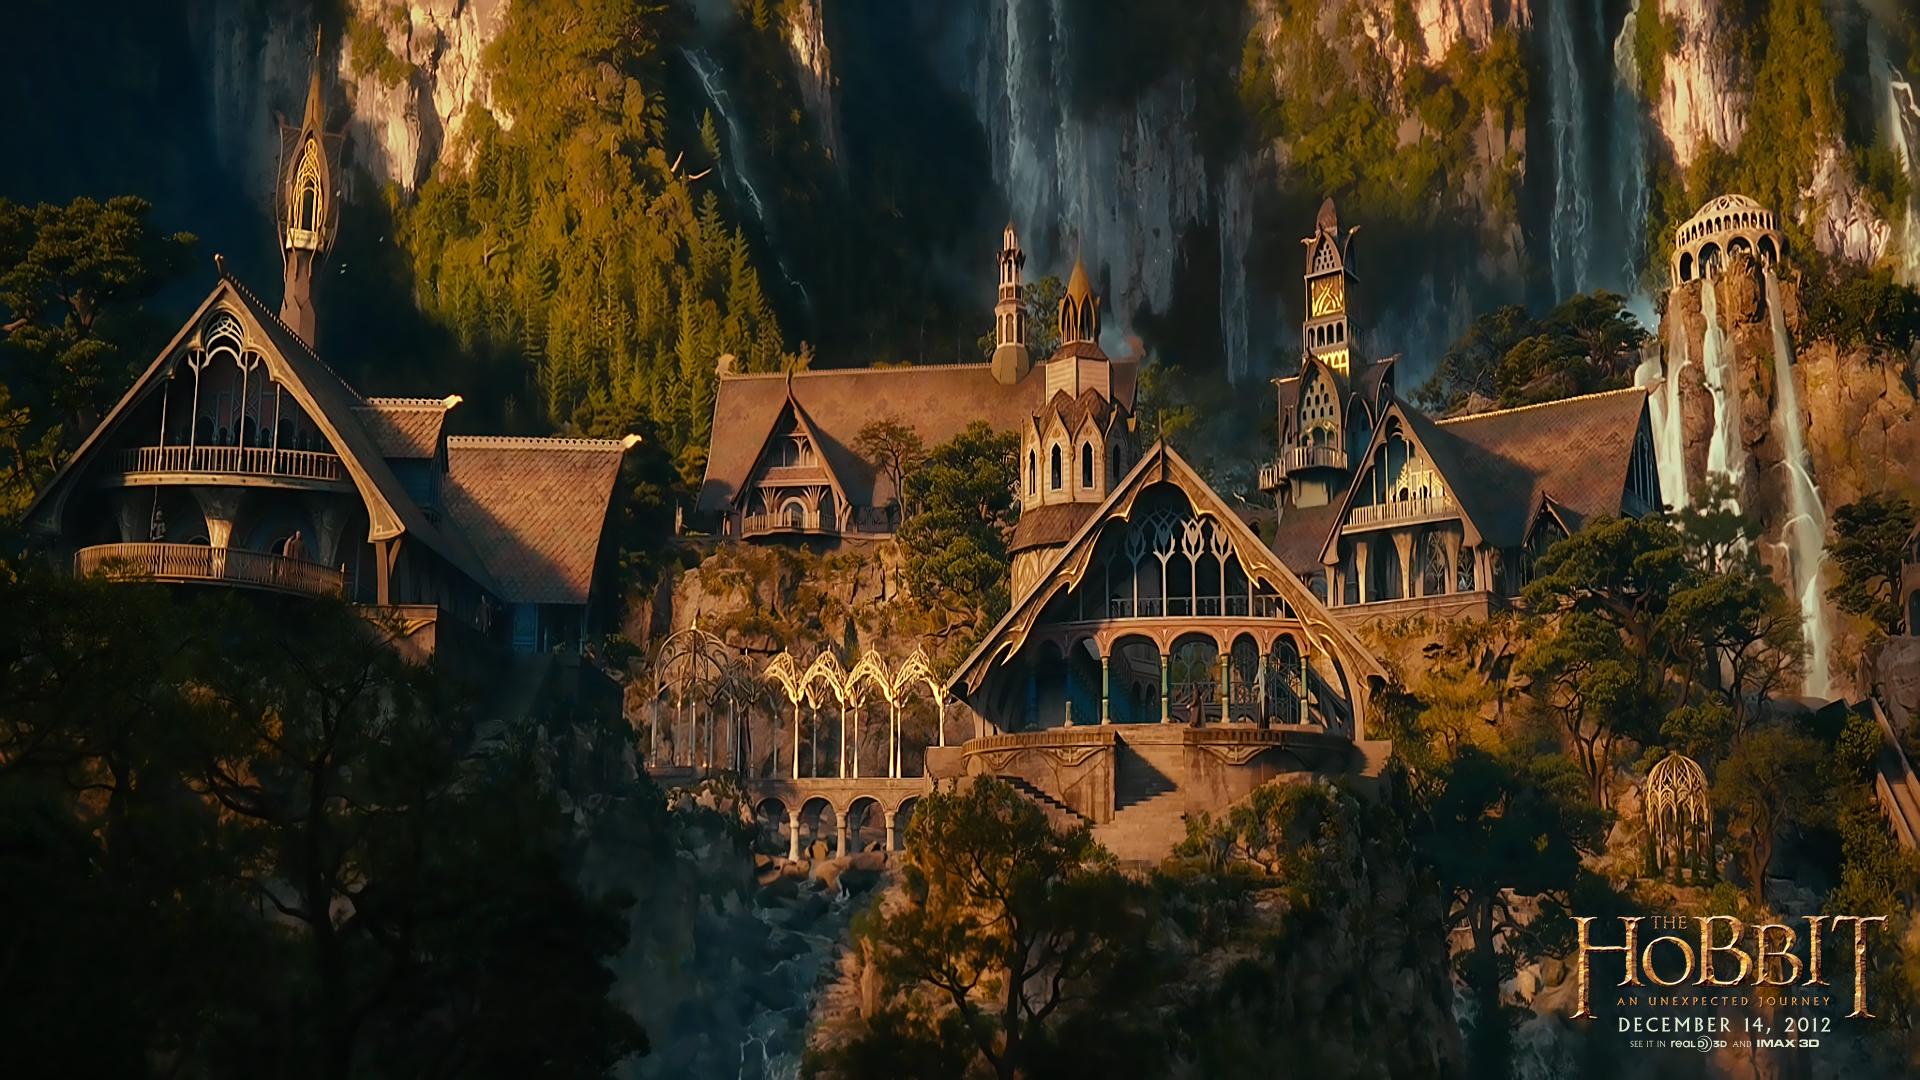 Rivendell Hobbit wallpaper 225912 1920x1080